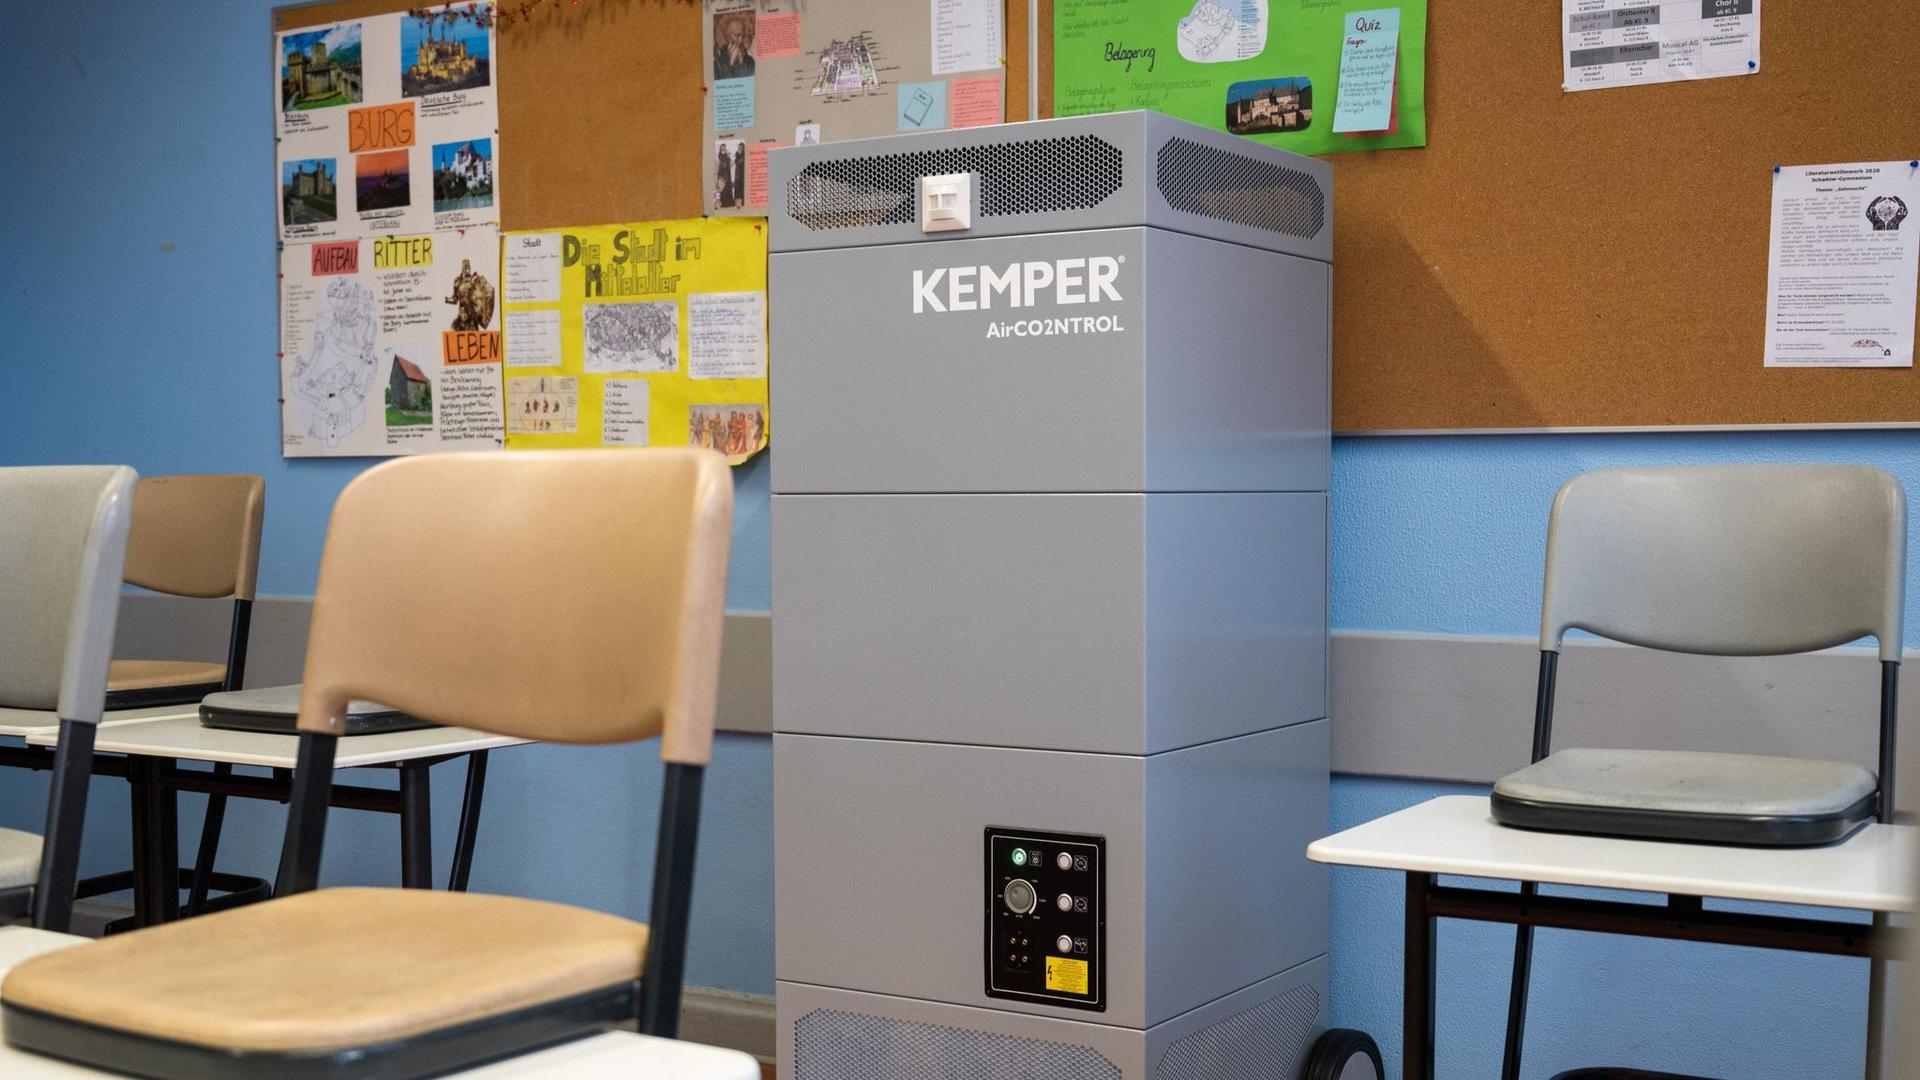 Nicht nur in Schulen gefragt: Luftfiltergeräte finden in der Pandemie reißenden Absatz.